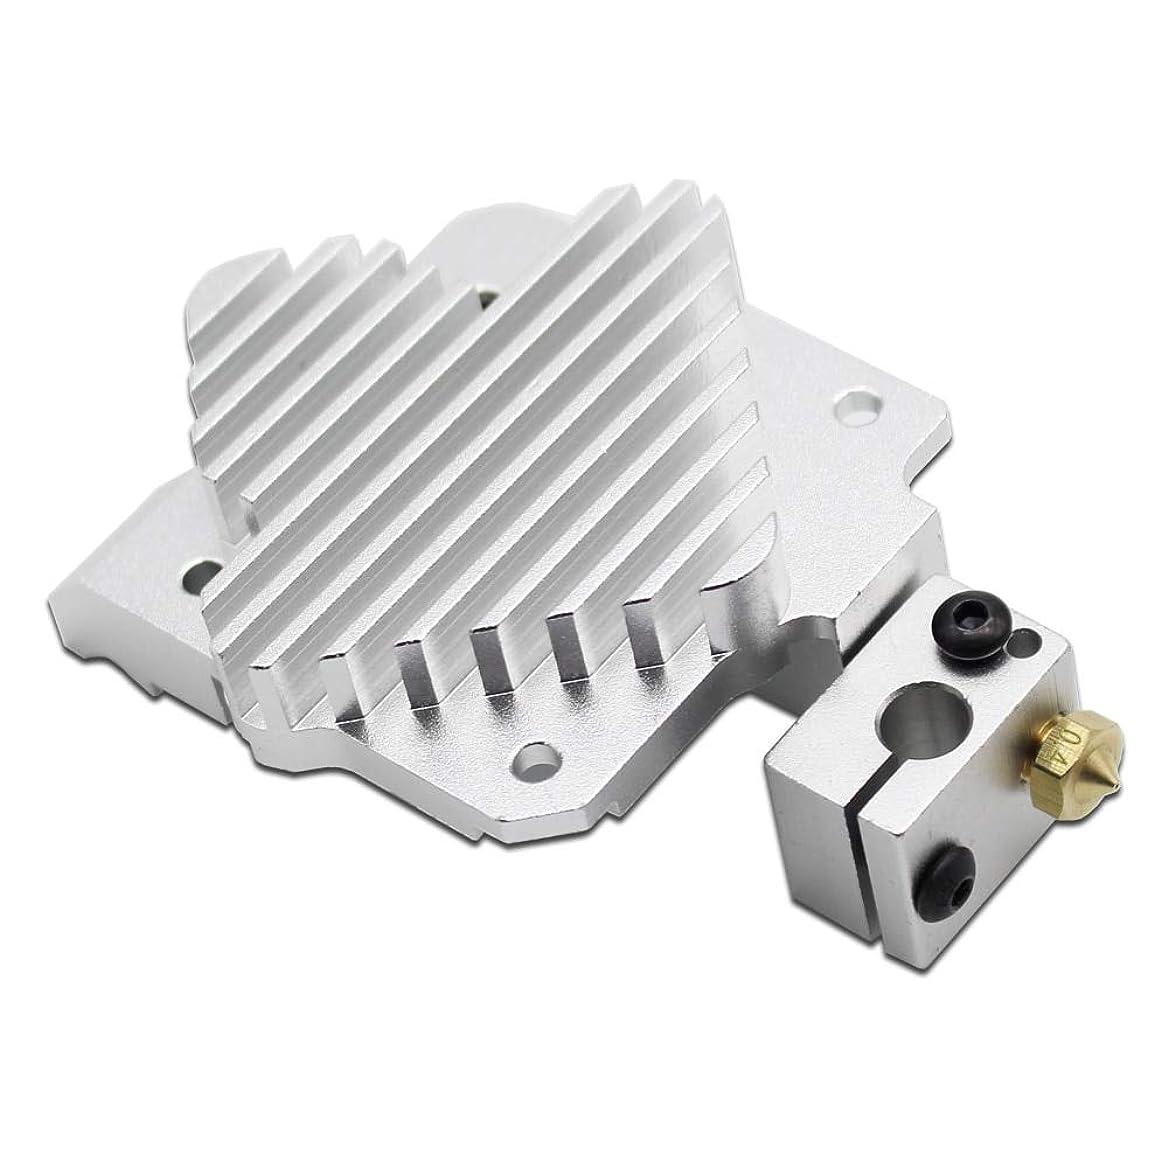 ポータルメロディー死すべきAiCheaX-3DプリンターTitan AeroアップグレードヒートシンクTitanエクストルーダーおよびV6 Hotend Reprap i3 3Dプリンターパーツ-(サイズ:V6ブロック付き)